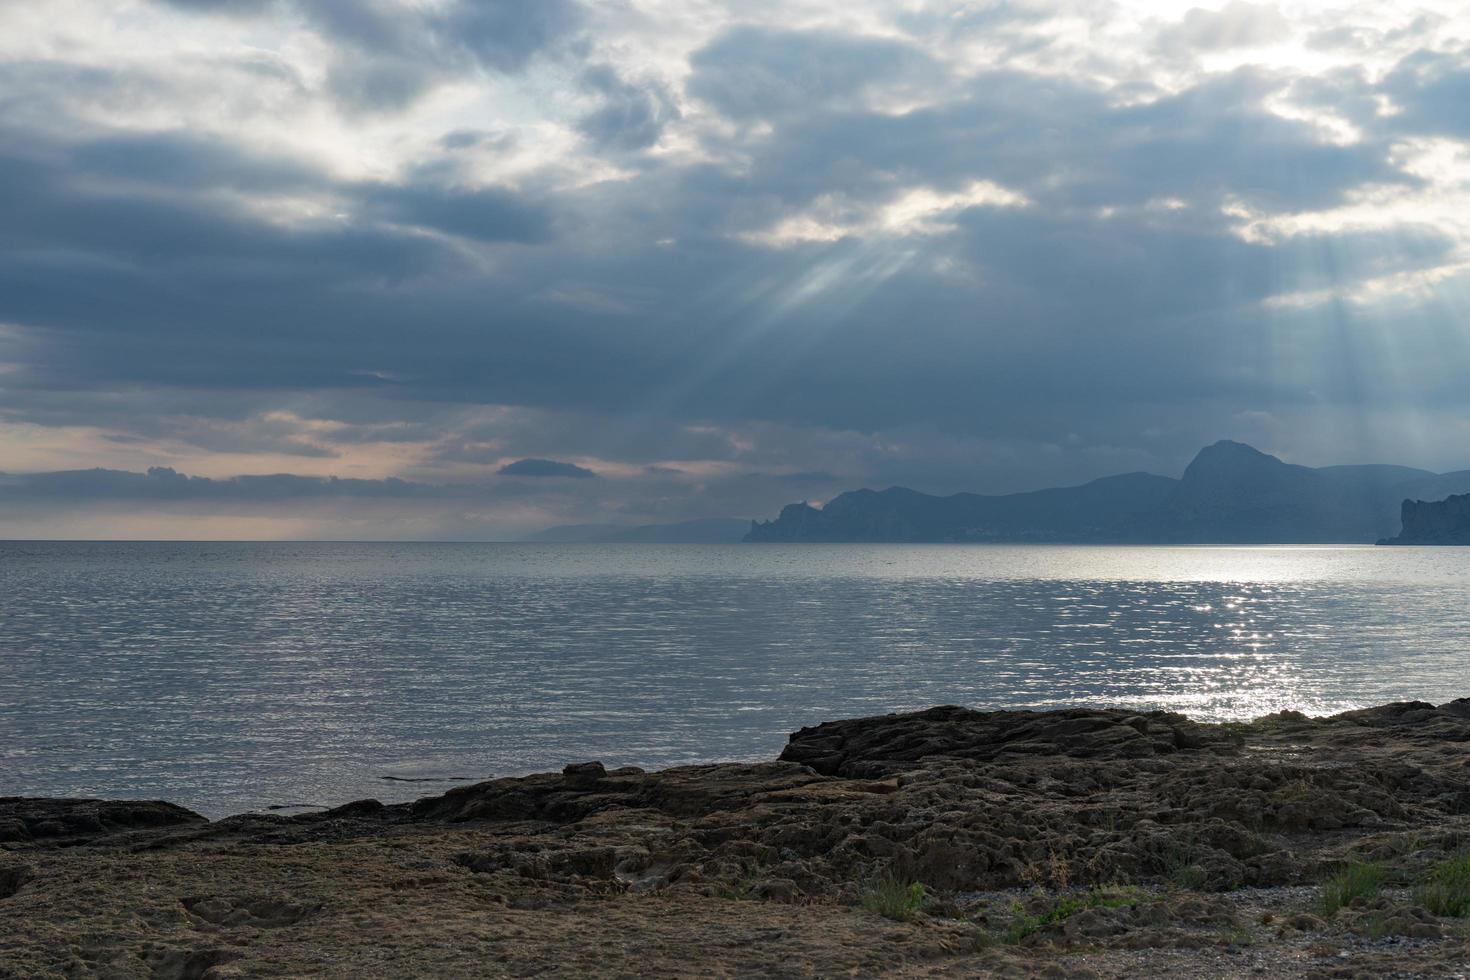 vista do mar com vista para as montanhas e o mar na baía de megan. foto